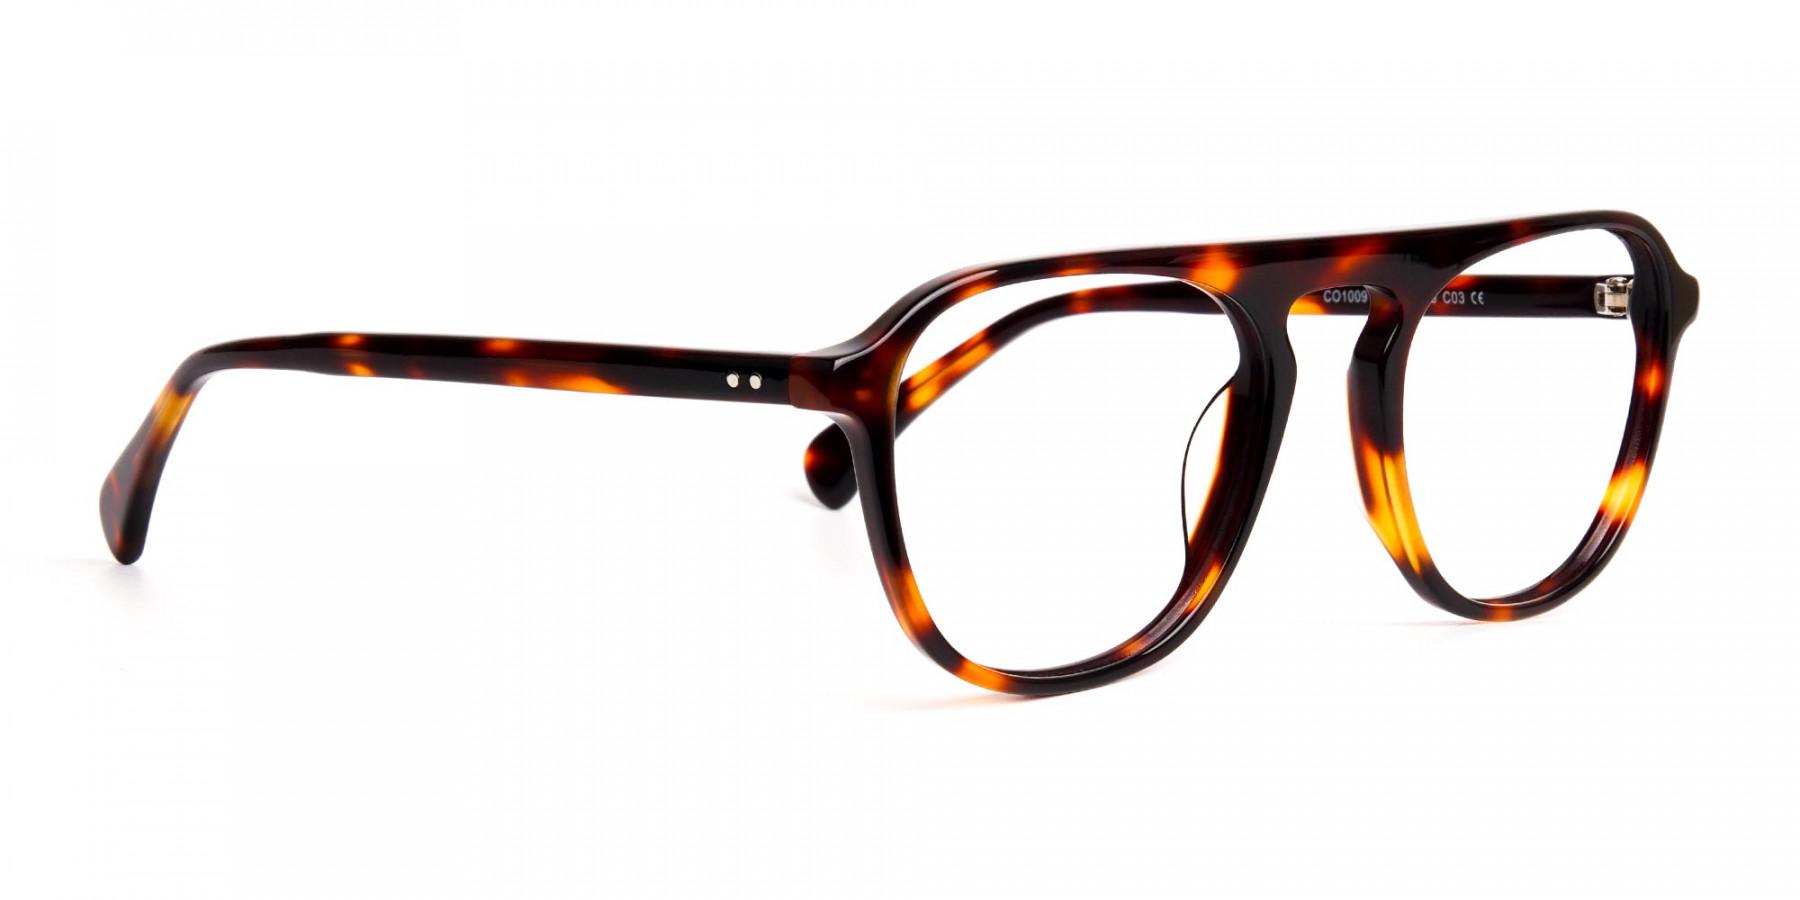 tortoise-shell-wayfarer-aviator-full-rim-glasses-frames-1